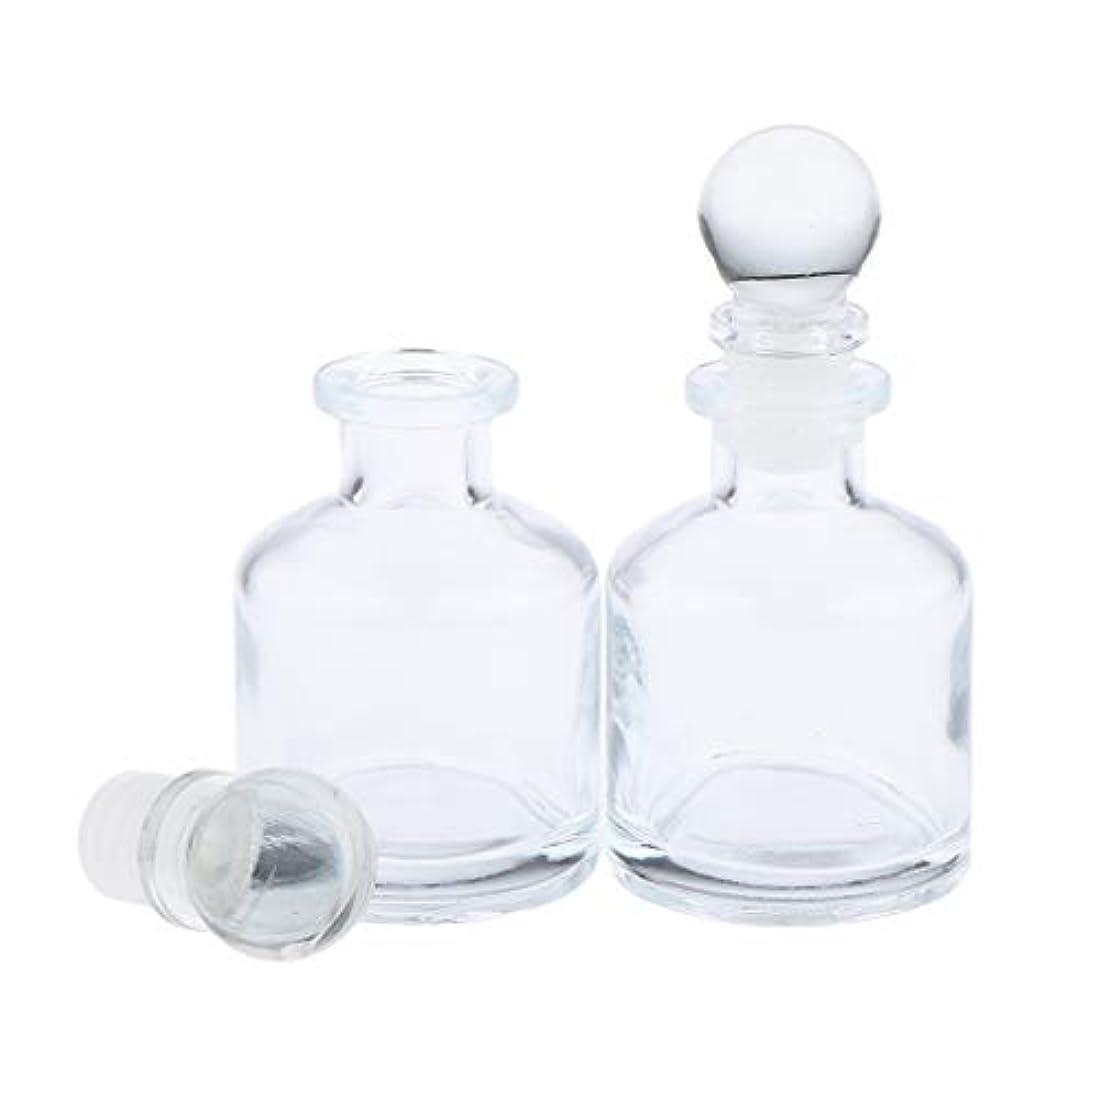 ホールドオールペインギリック偏見B Baosity 2本 リードディフューザー用 ディフューザーボトル 透明 蓋付き 円形 2サイズ選べ - 50ミリリットル